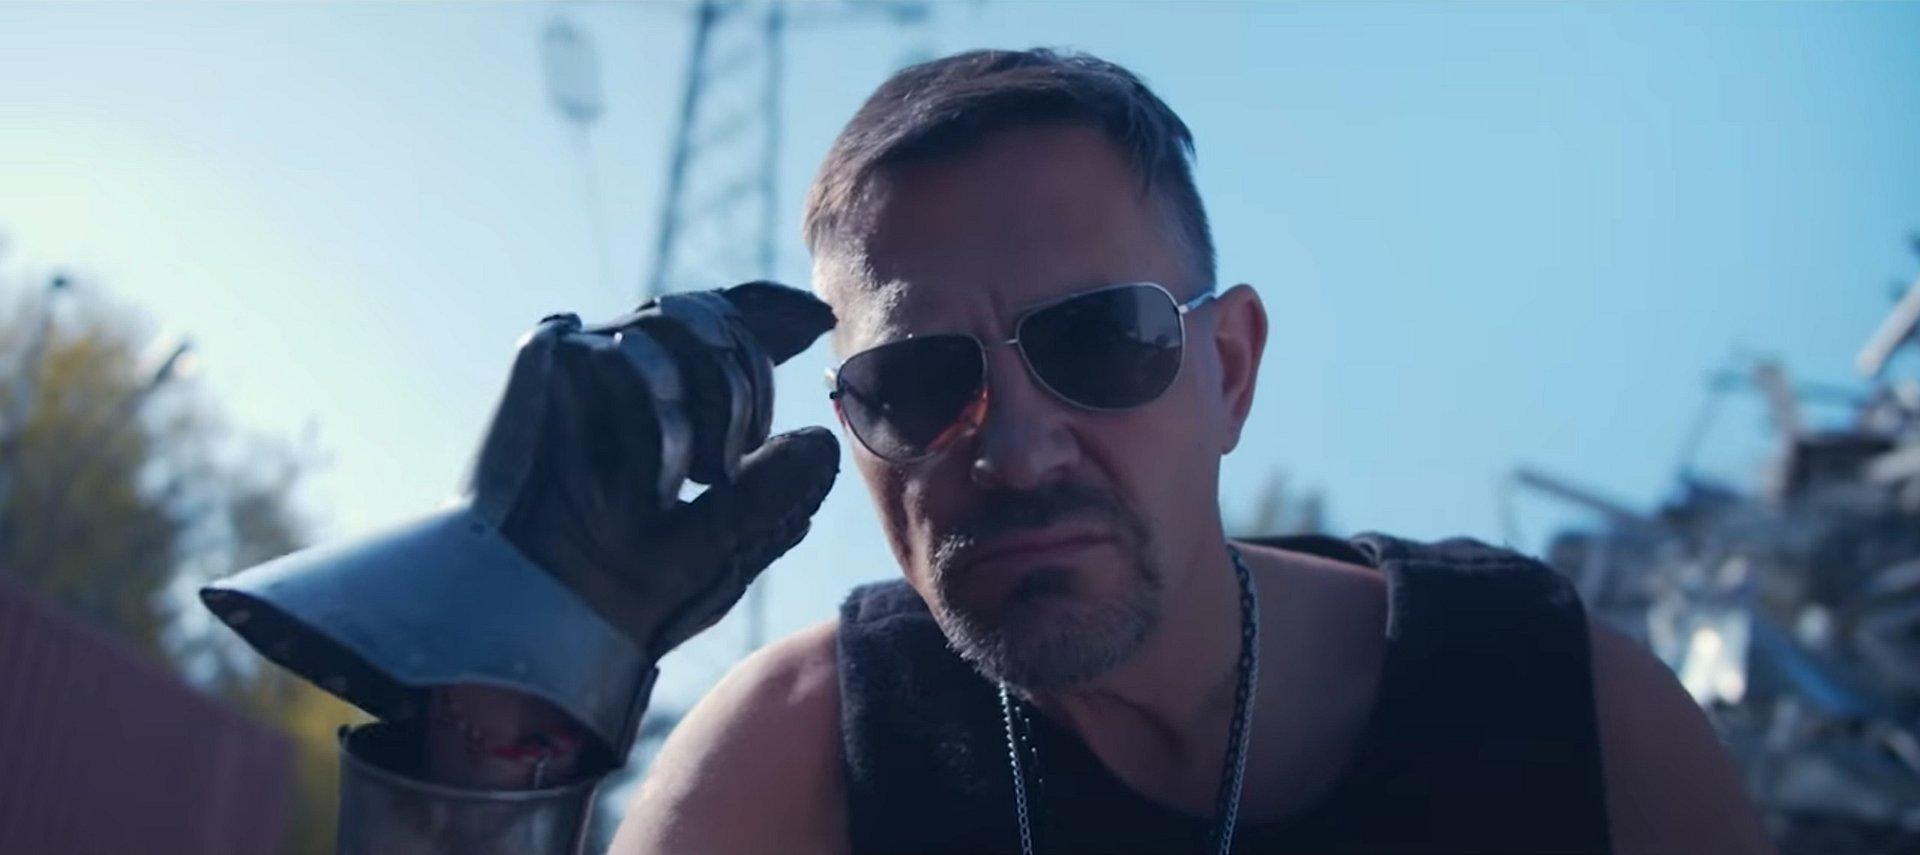 Krzysztof Ibisz zastąpi Keanu Reevesa w Cyberpunk 2077? Nowy hit YouTube'a podbija serca fanów!